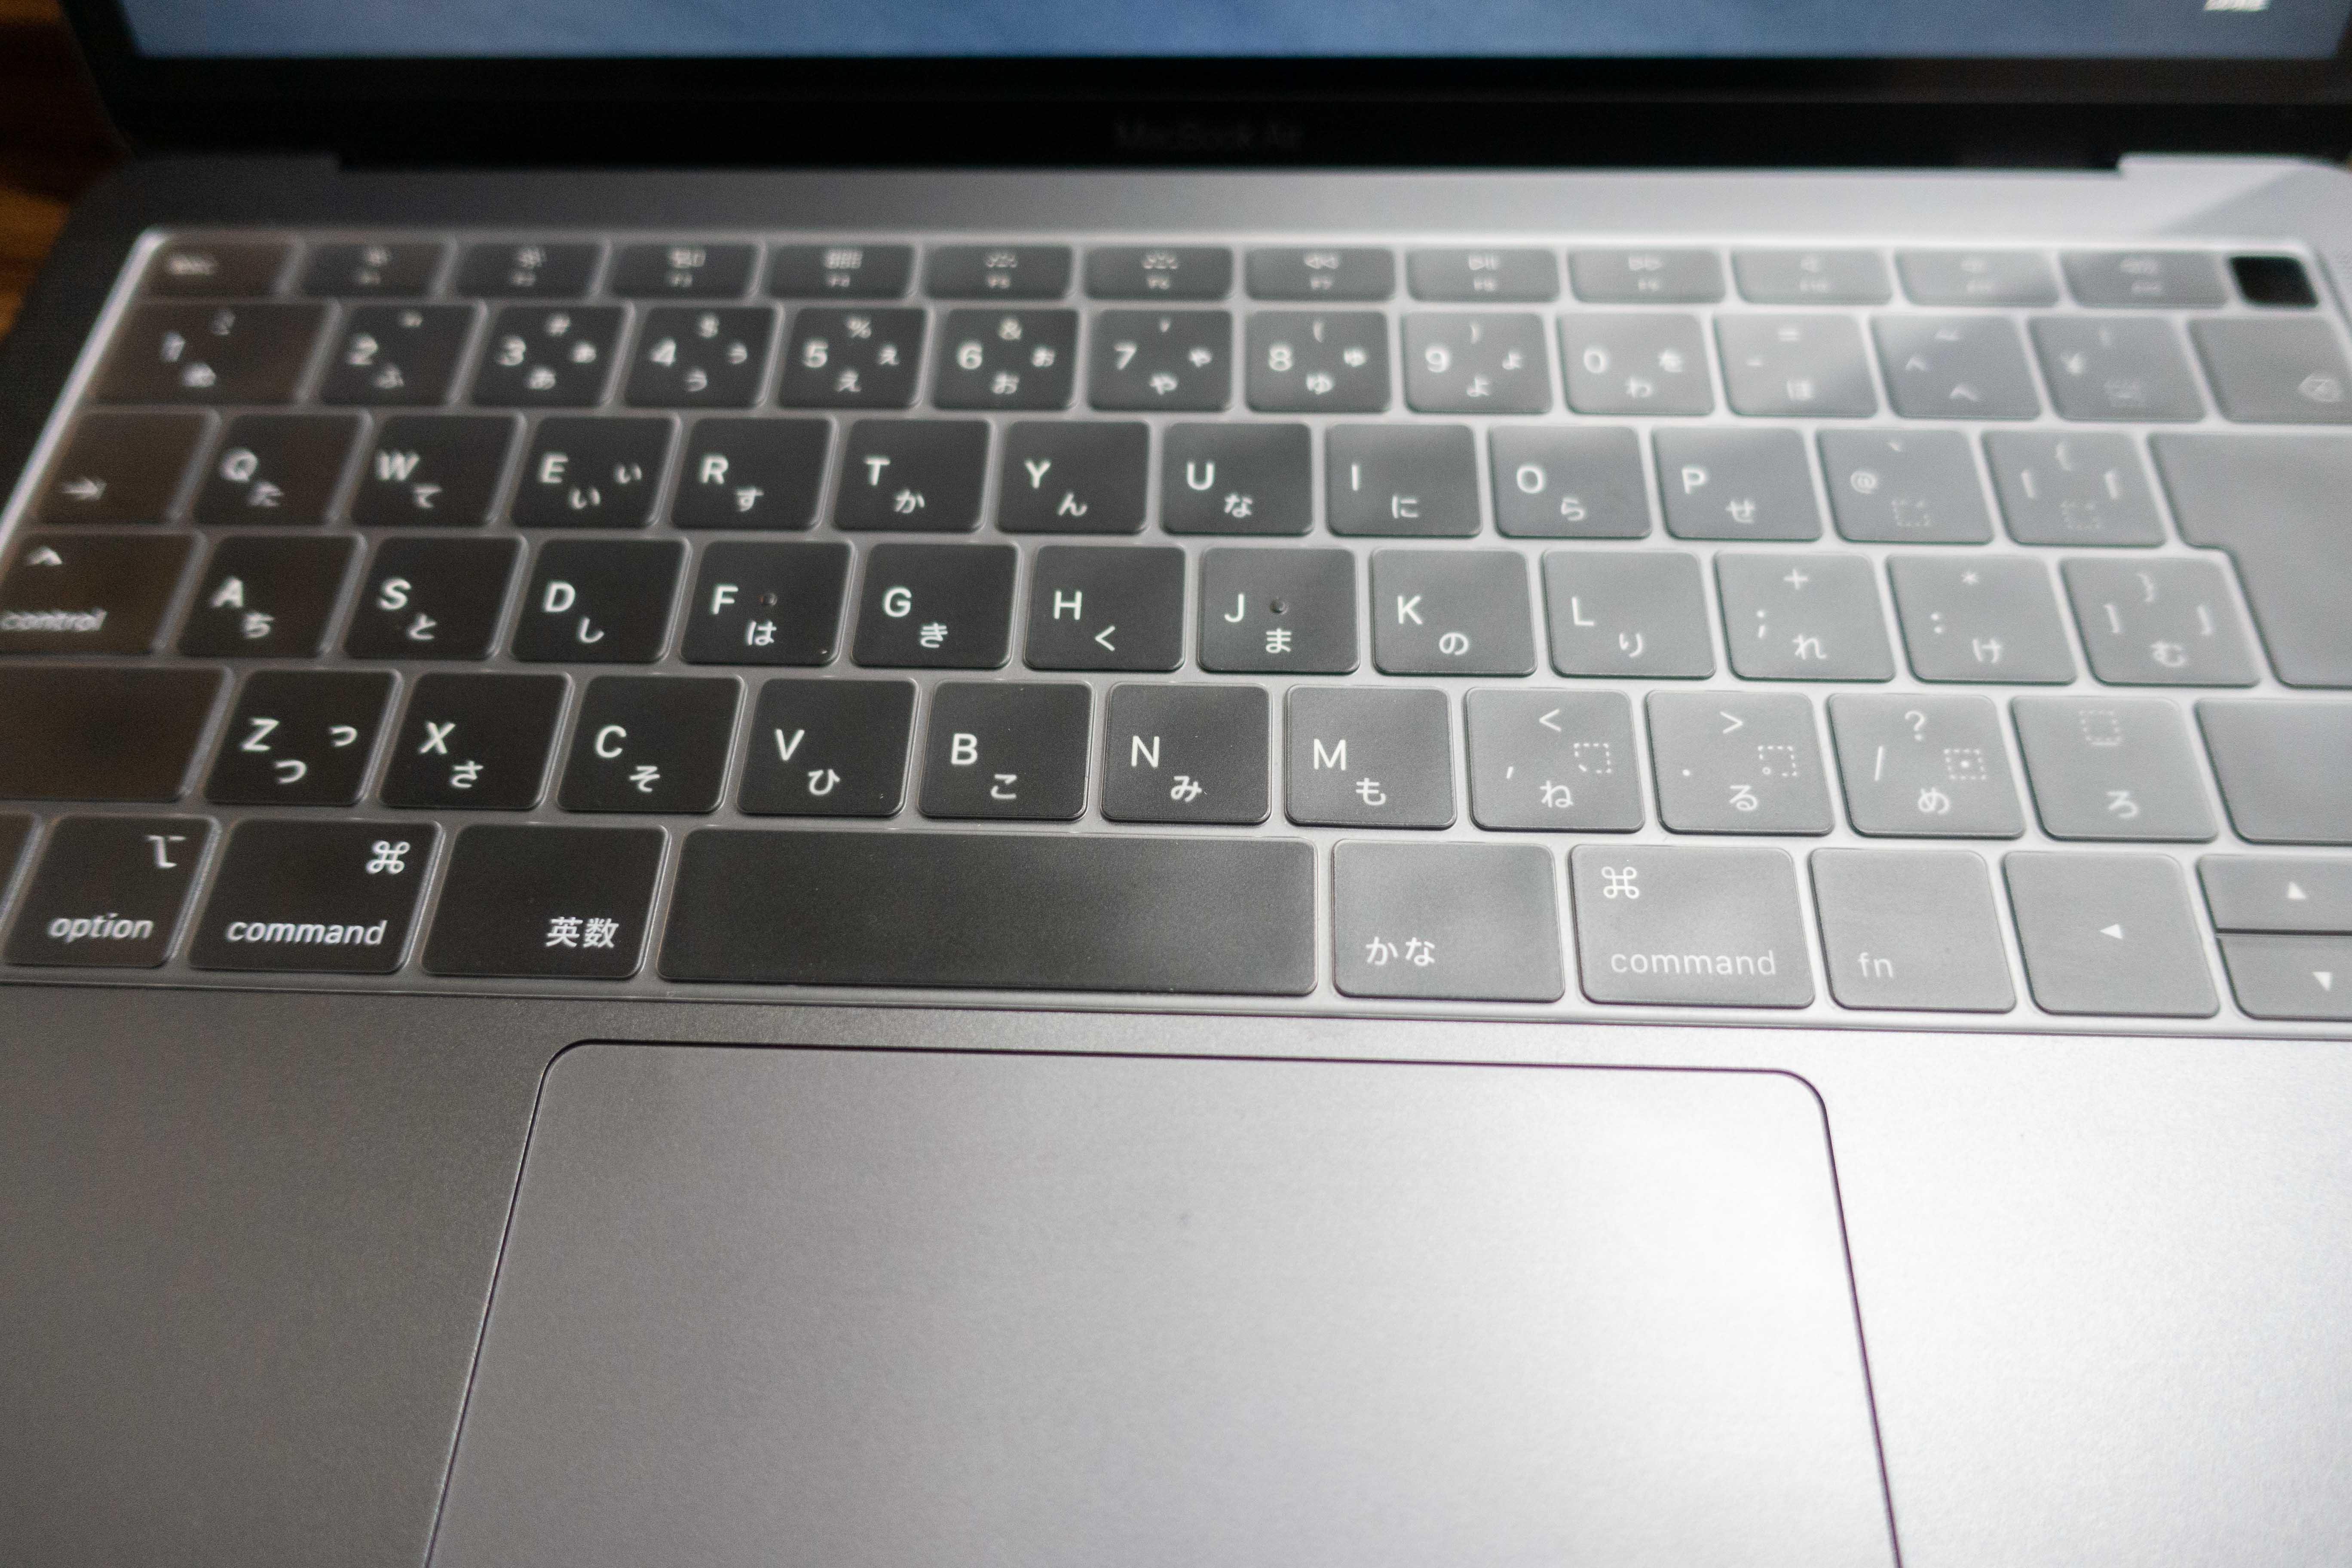 MacBook Air2018キーボードカバー付けた状態